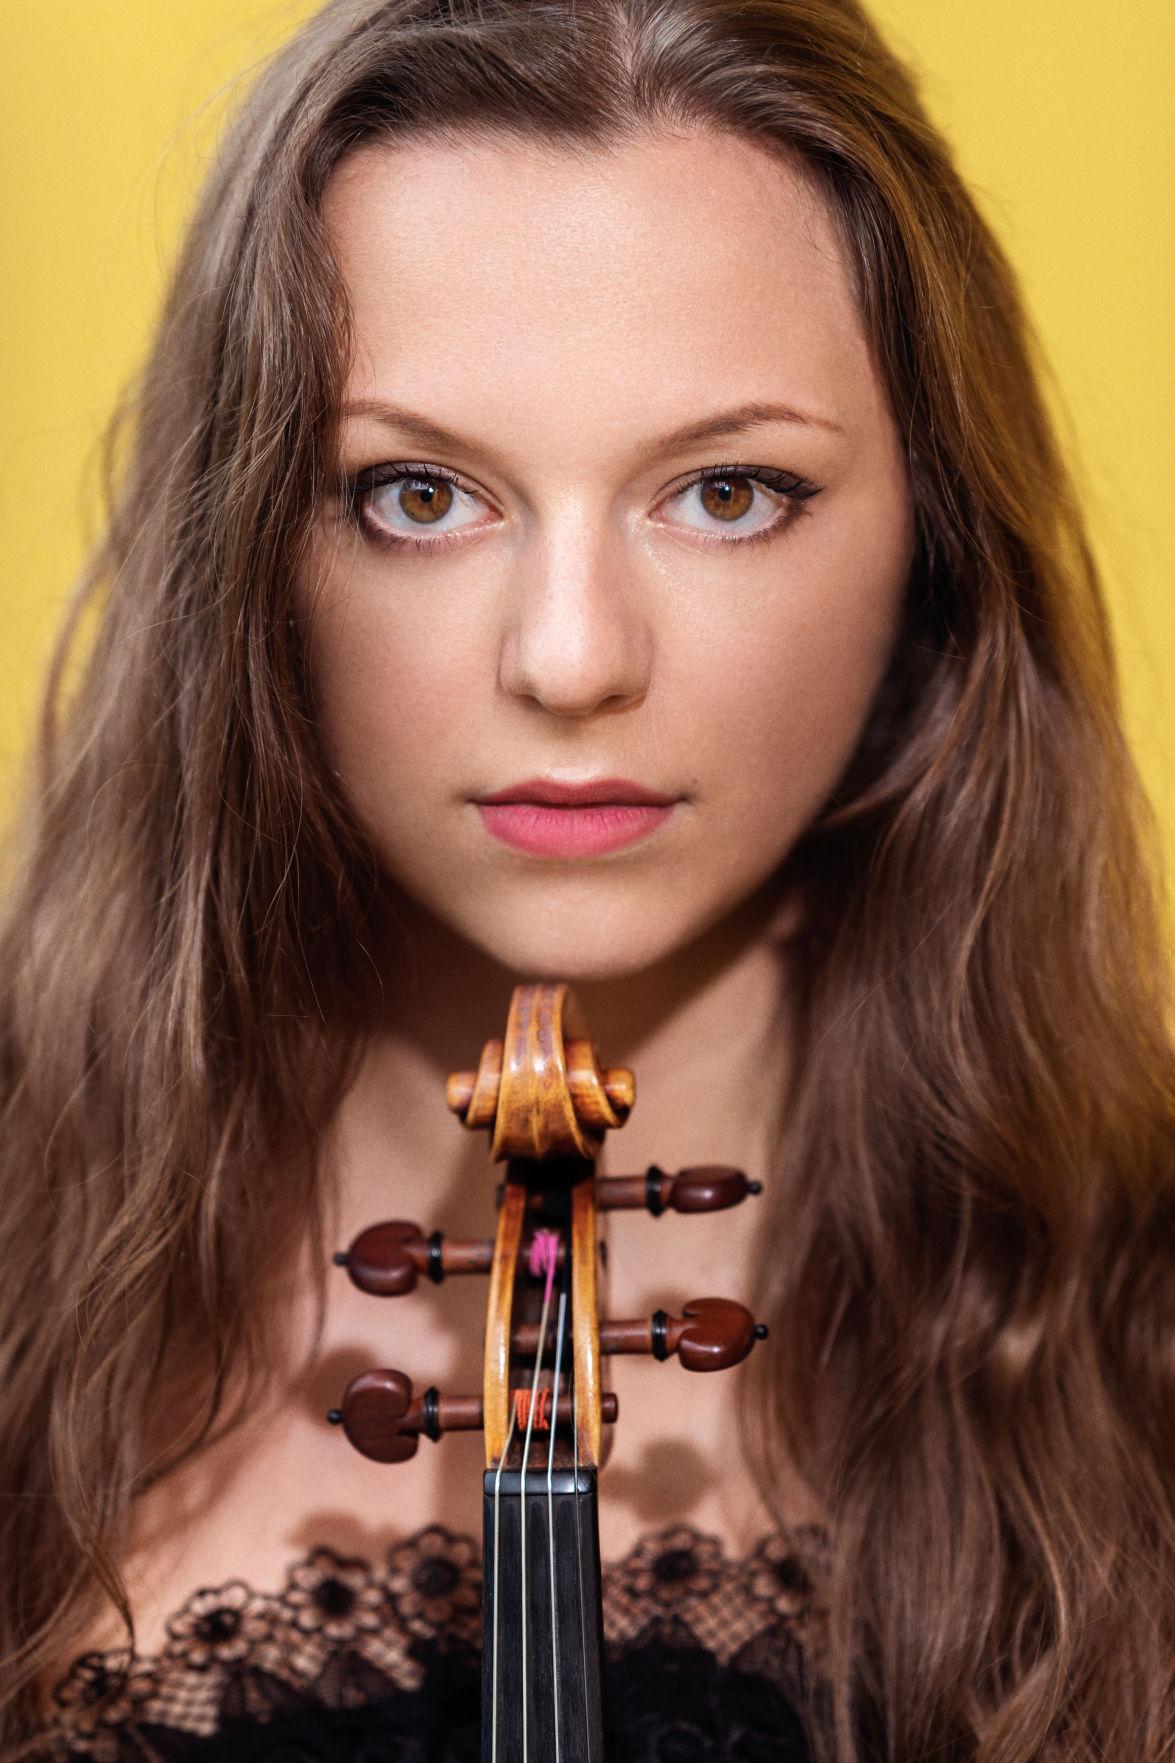 Maria Ioudenitch